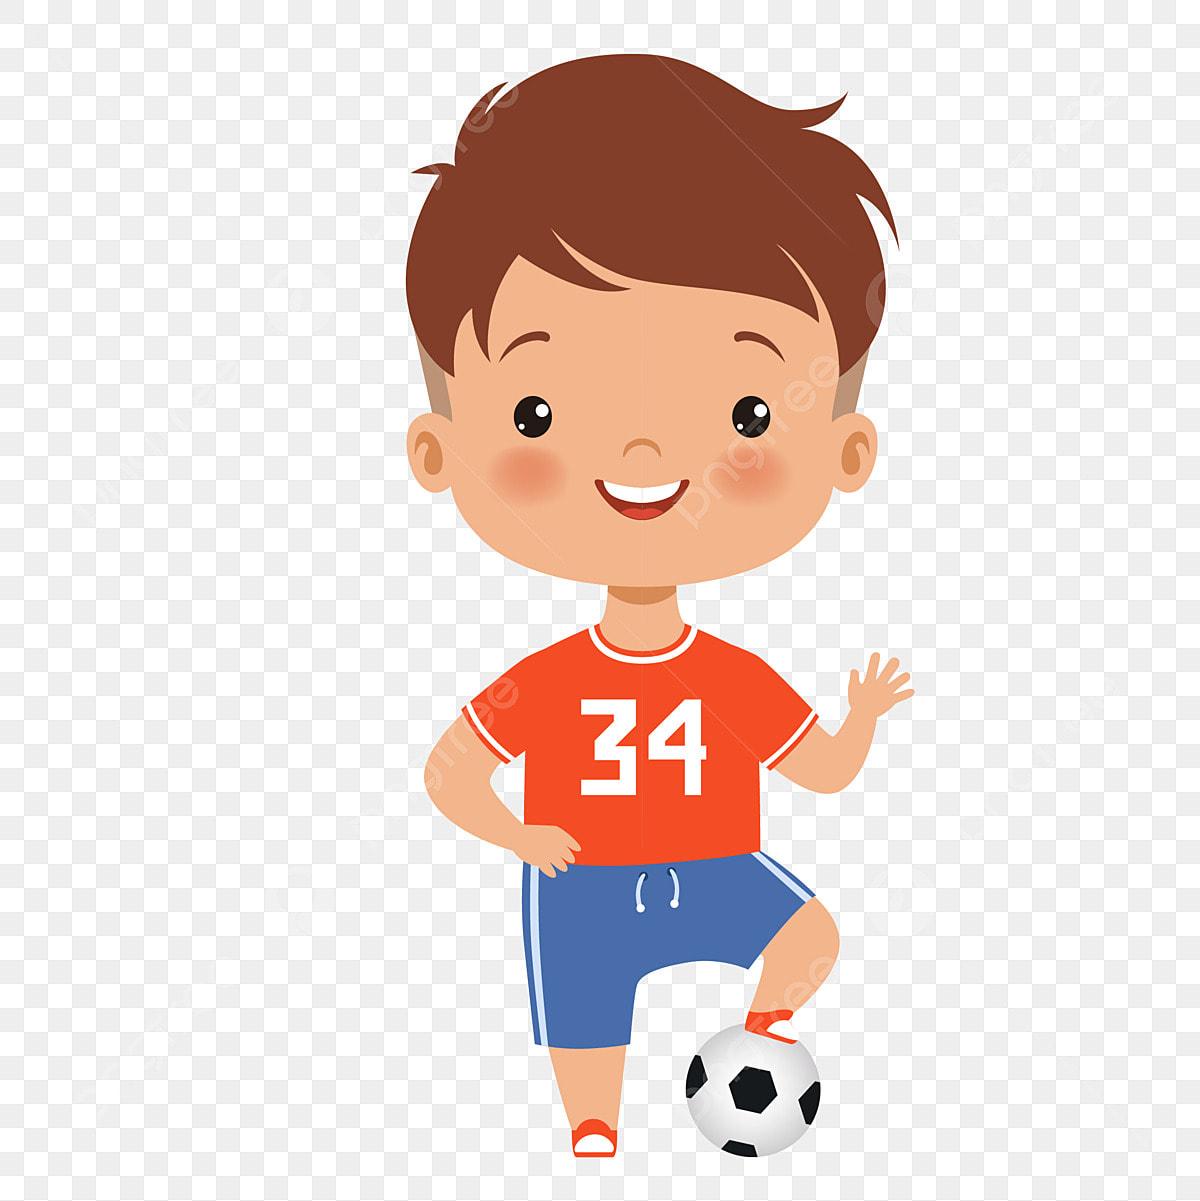 Gambar Bermain Bola Sepak Bola Sepak Anak Laki Laki Bermain Sepak Bola Piala Dunia Padanan Perlawanan Bola Sepak Png Dan Vektor Untuk Muat Turun Percuma